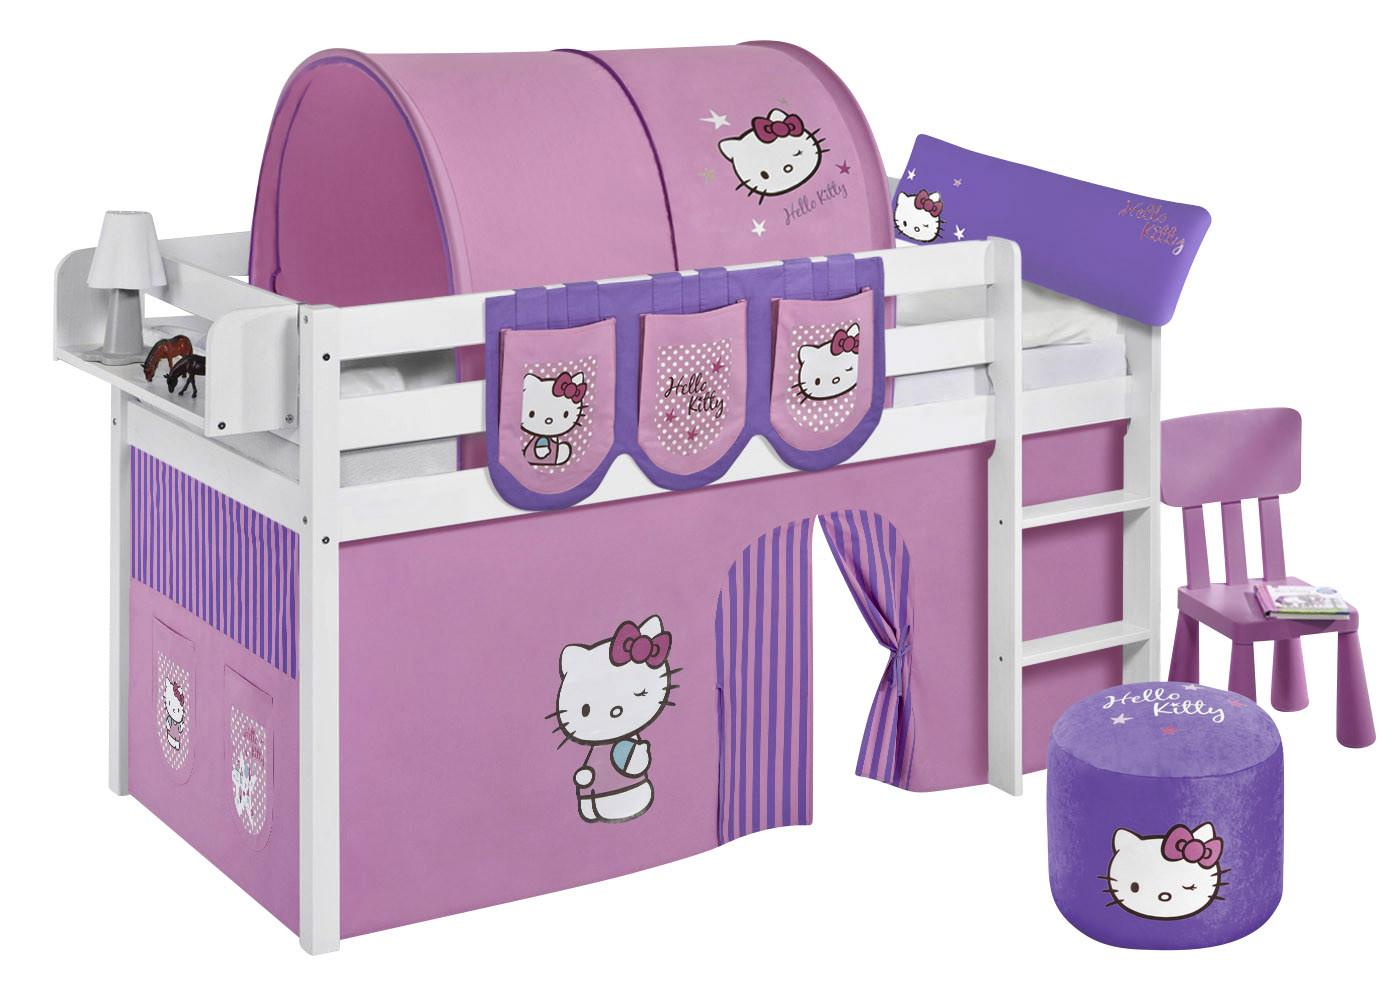 Halfhoogslaper 190 Cm.Halfhoogslaper Jelle Wit Gelakt Met Ondertent Hello Kitty Lila